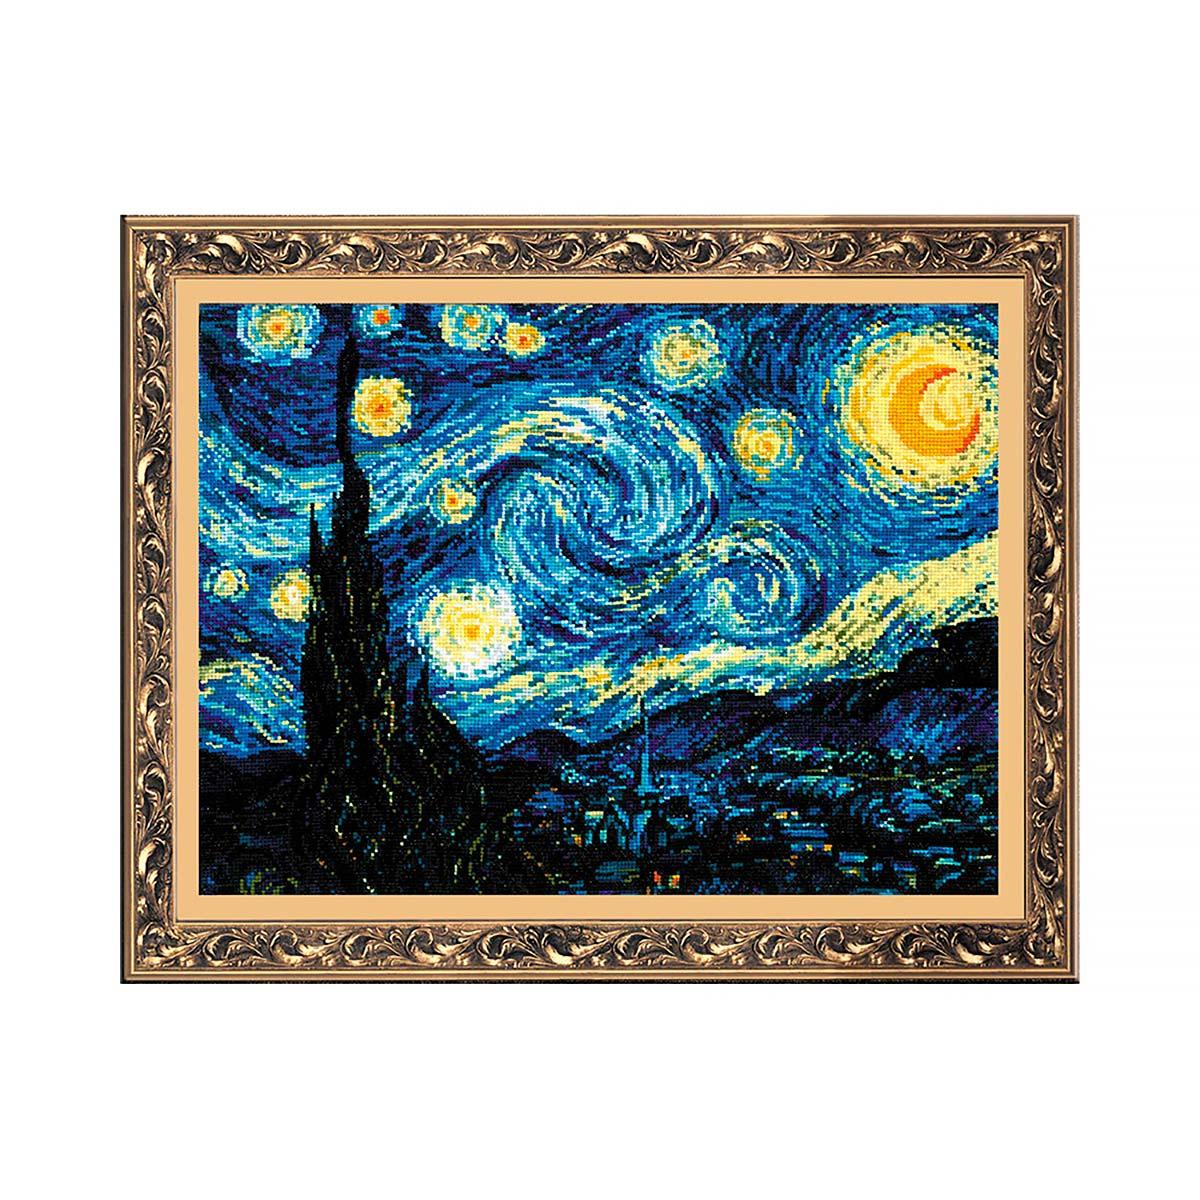 1088 Набор для вышивания Riolis 'Ван Гог 'Звёздная ночь', 40*30 см